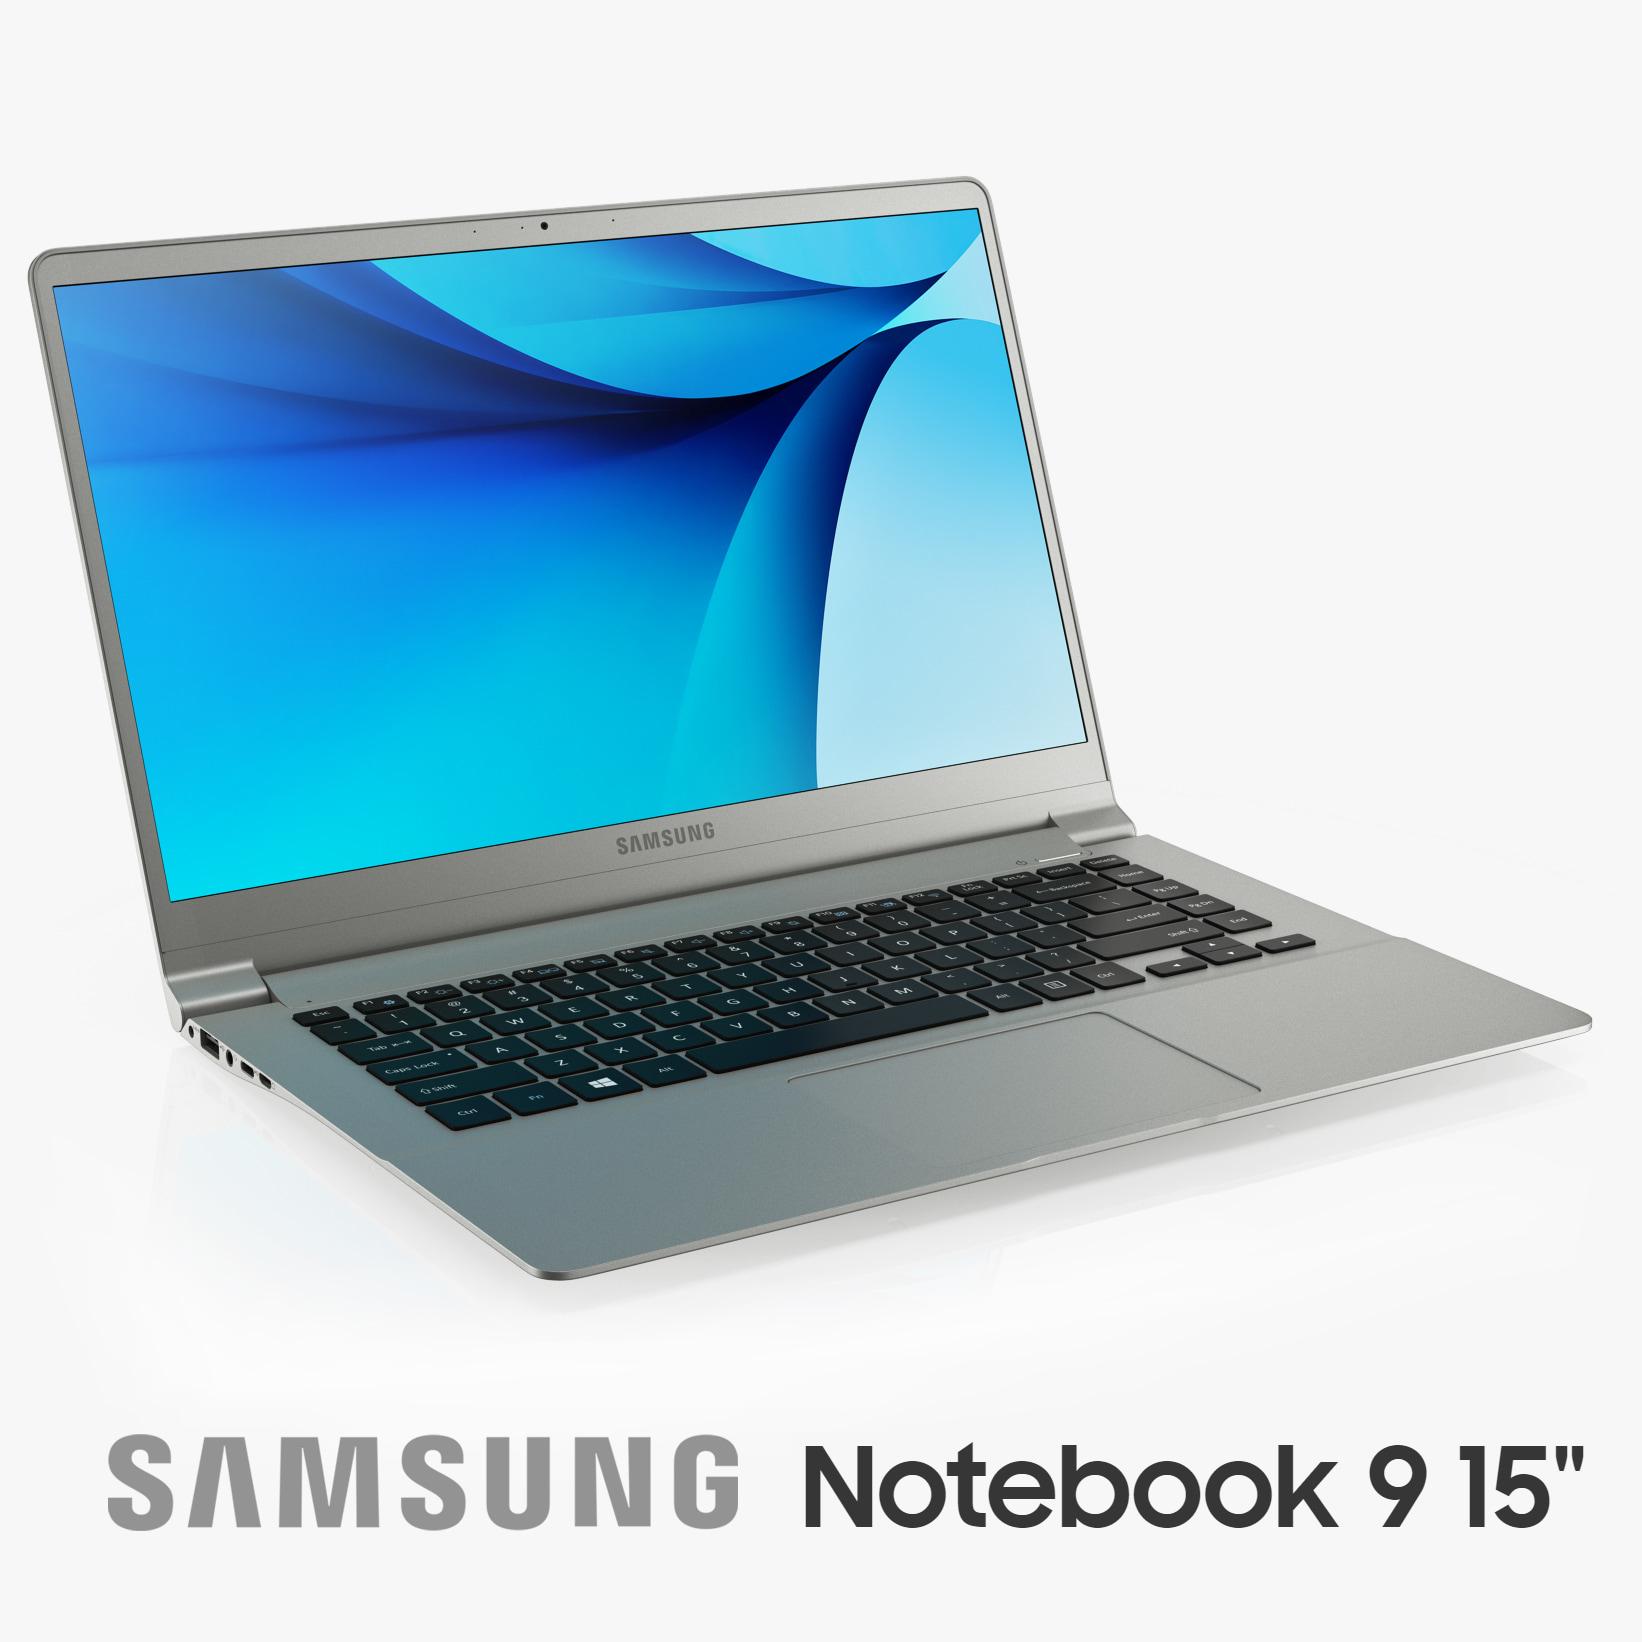 samsung notebook 9 15 3D